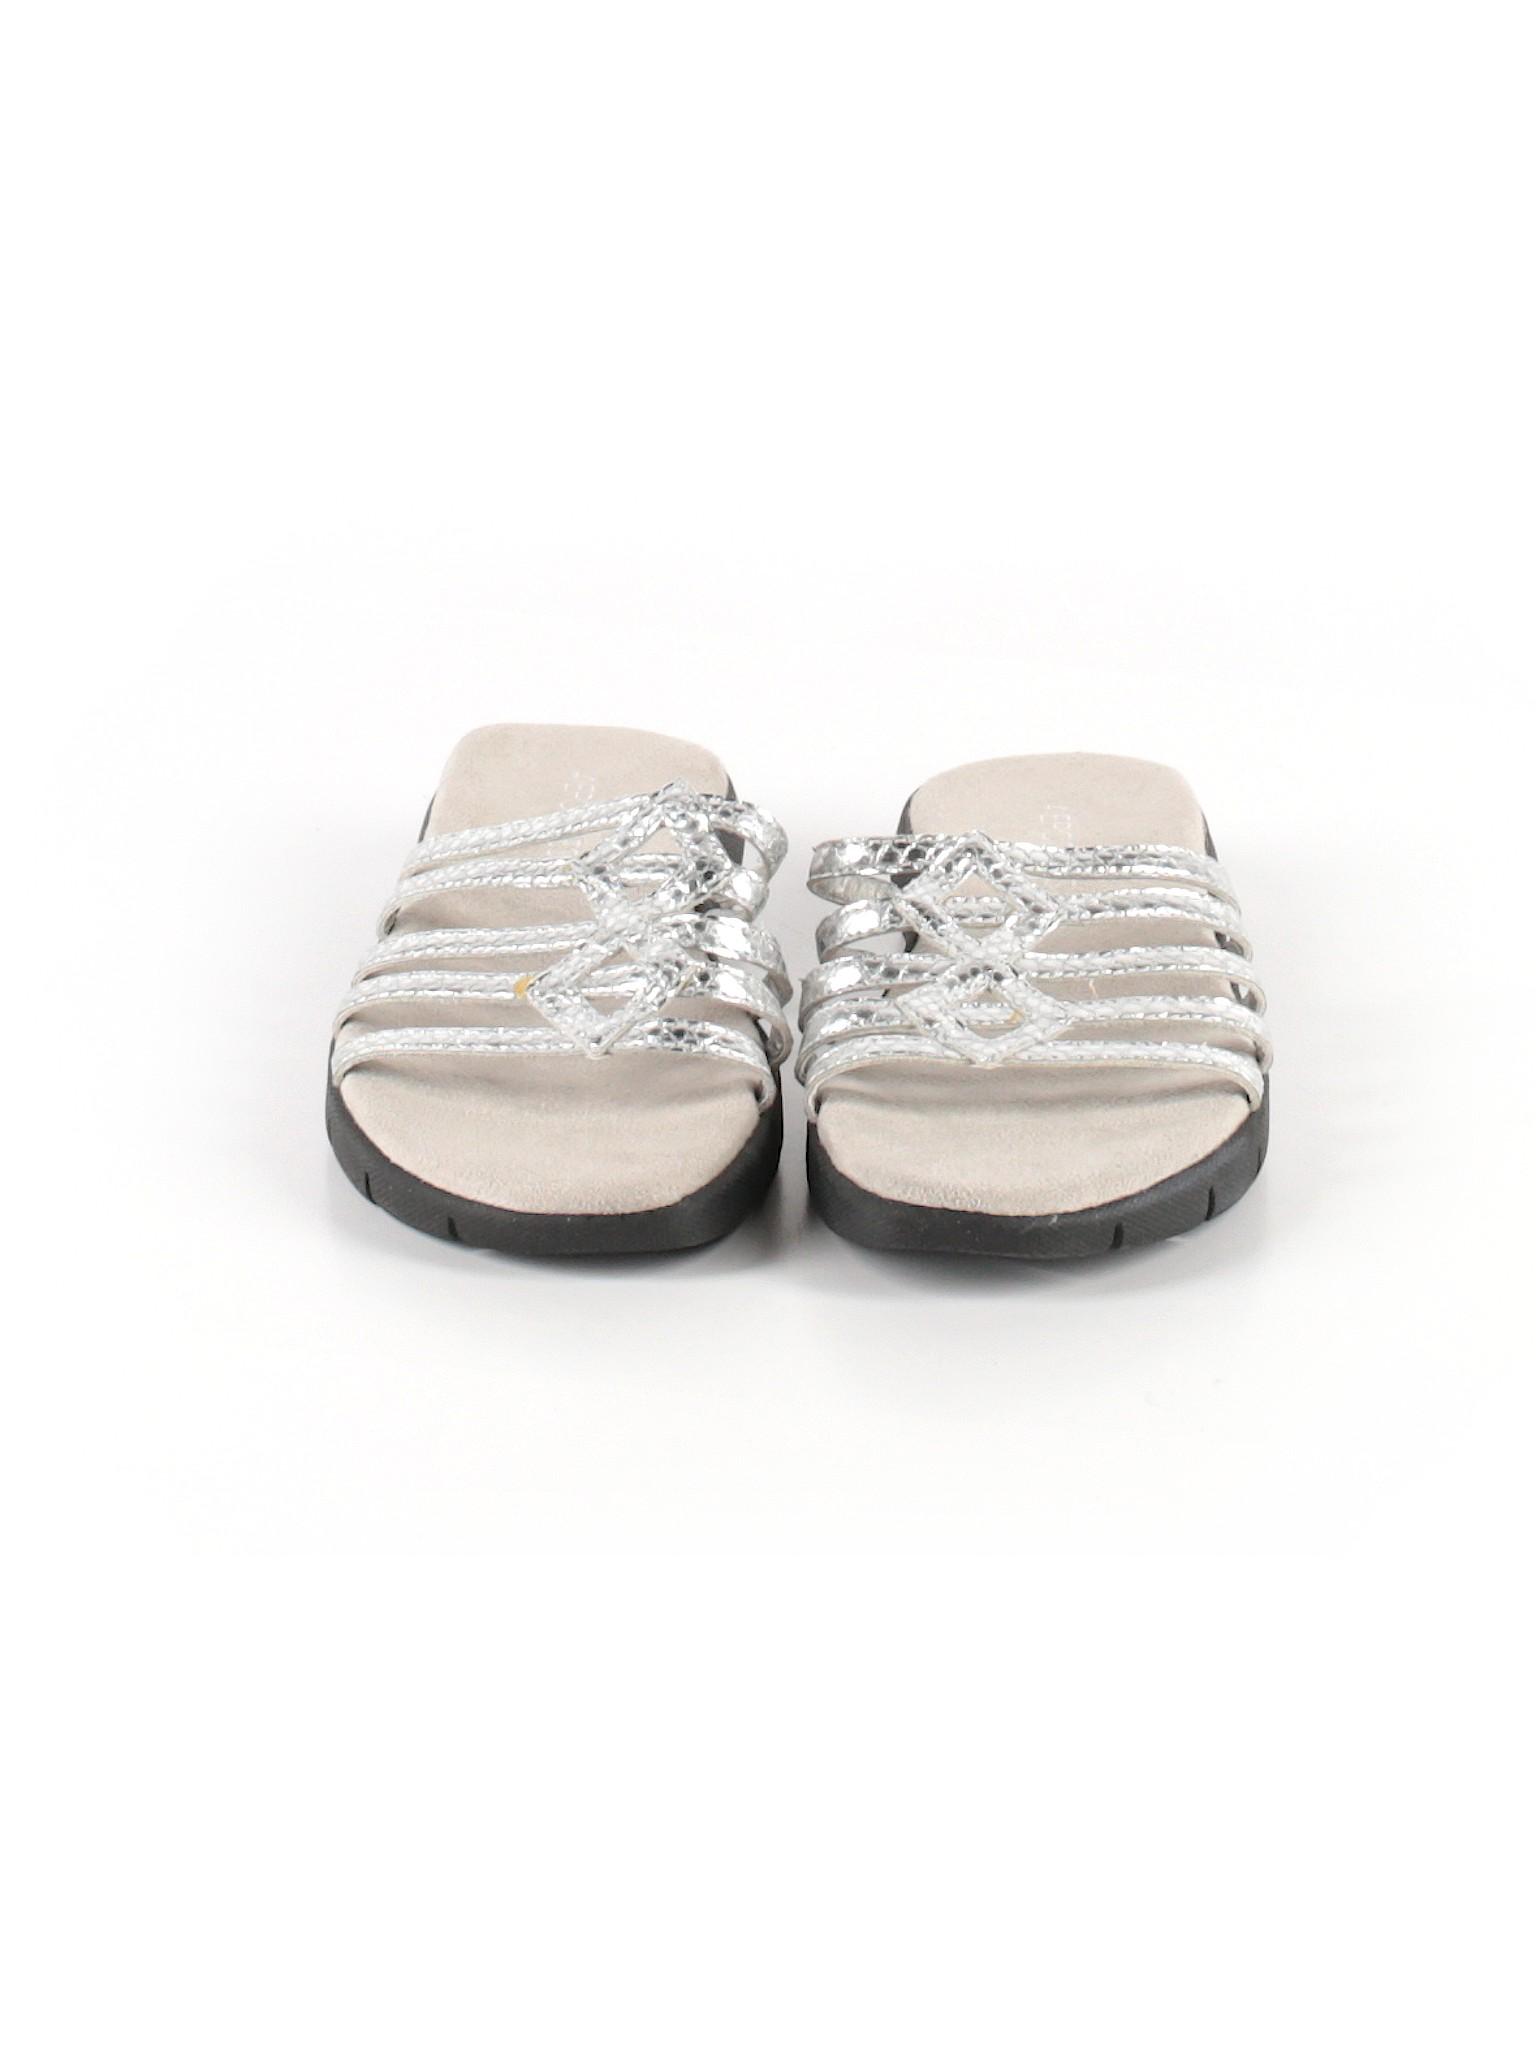 Boutique Boutique Sandals promotion Aerosoles Aerosoles promotion x4wrnSq4Yg